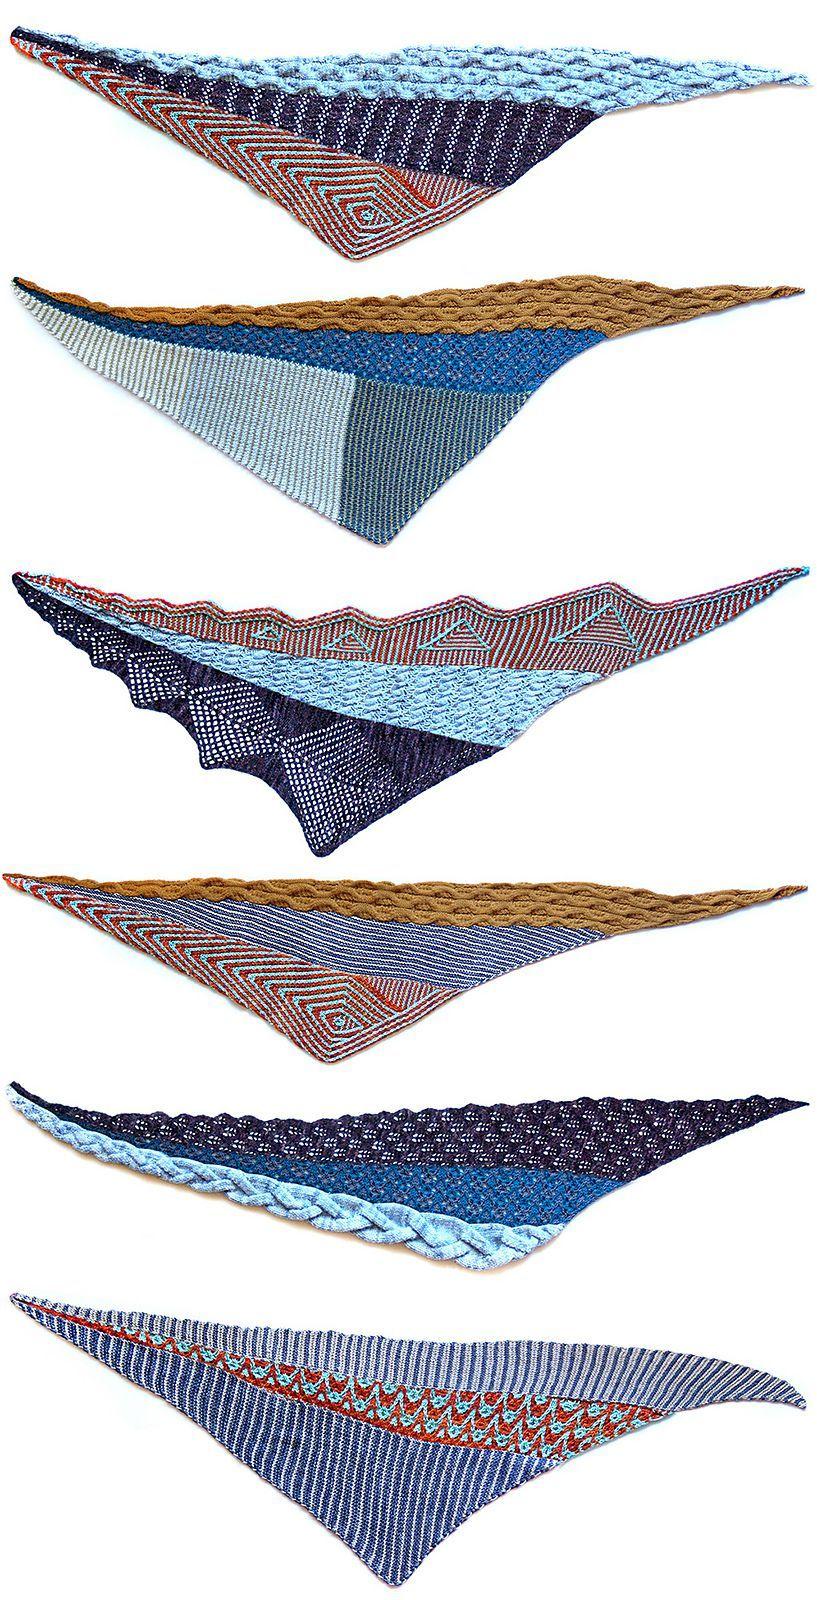 Wie man einen Hals bindet? #bindet #einen #handknitclothes - Welcome to Blog